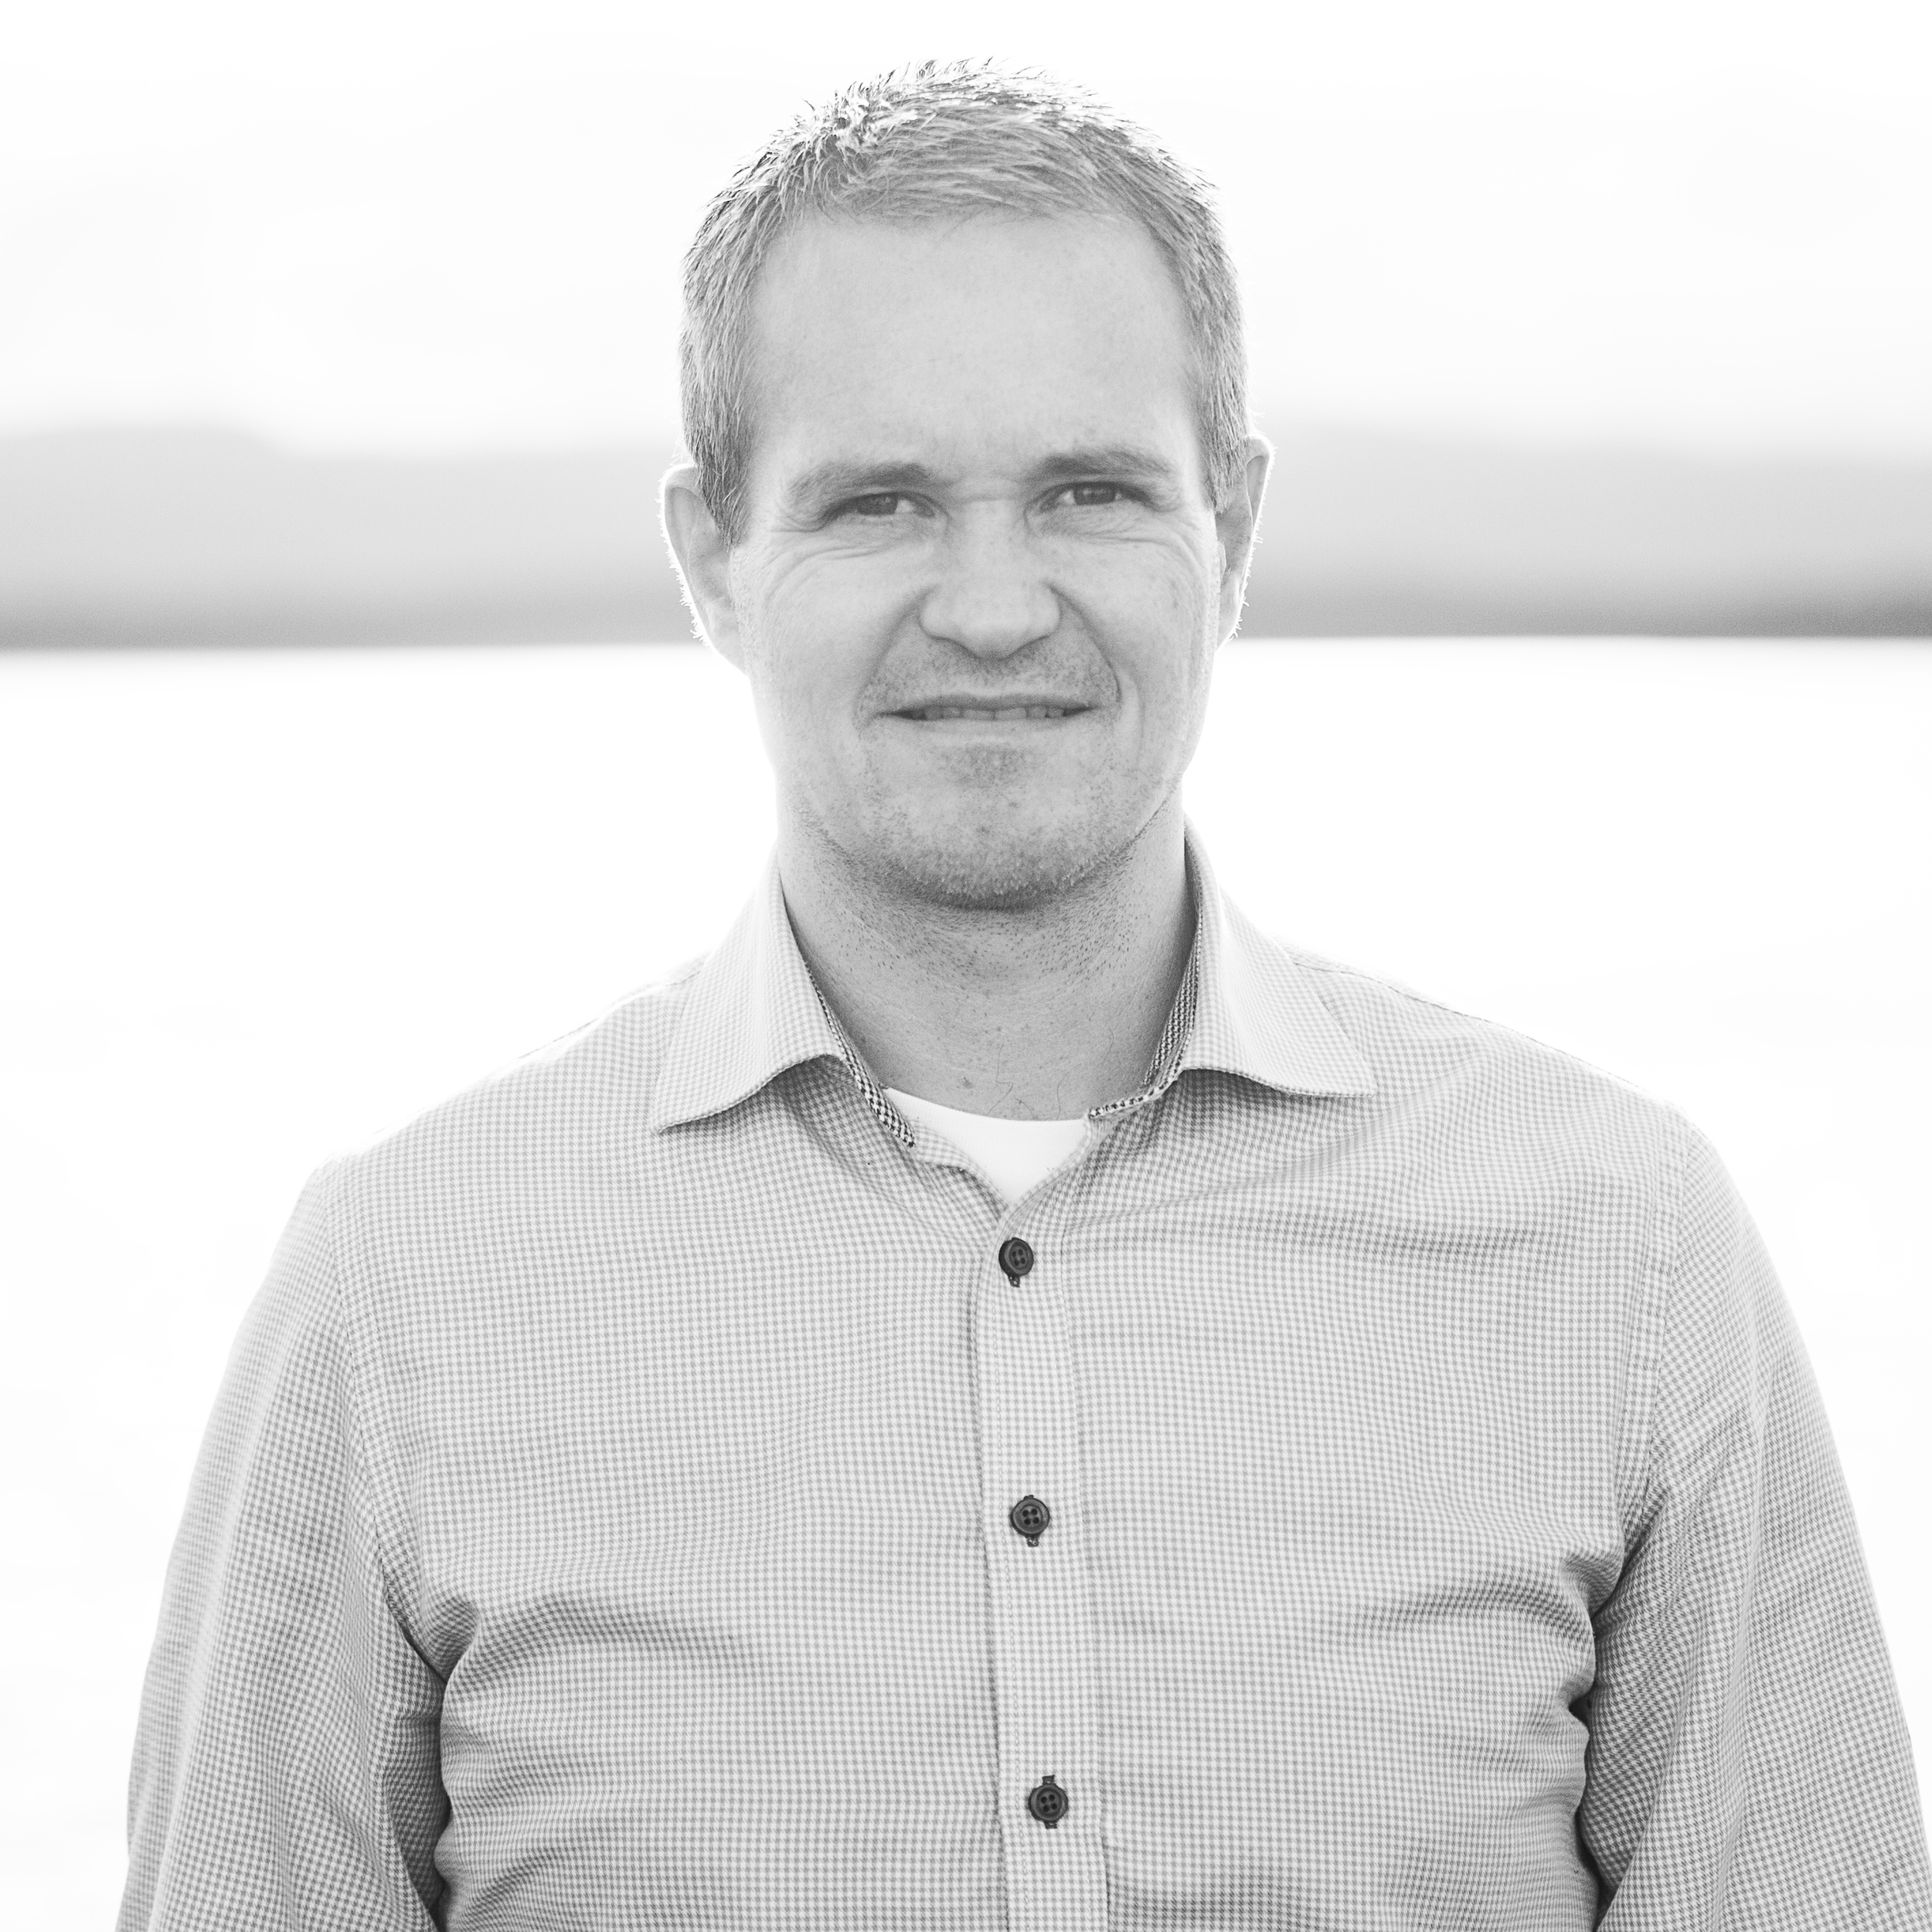 Olaf Sandhaug  Befrakter Møre og Romsdal -Østlandet/ Trondheim  Mobil 90917206 Kontor 40001740   olaf@atlantico.no